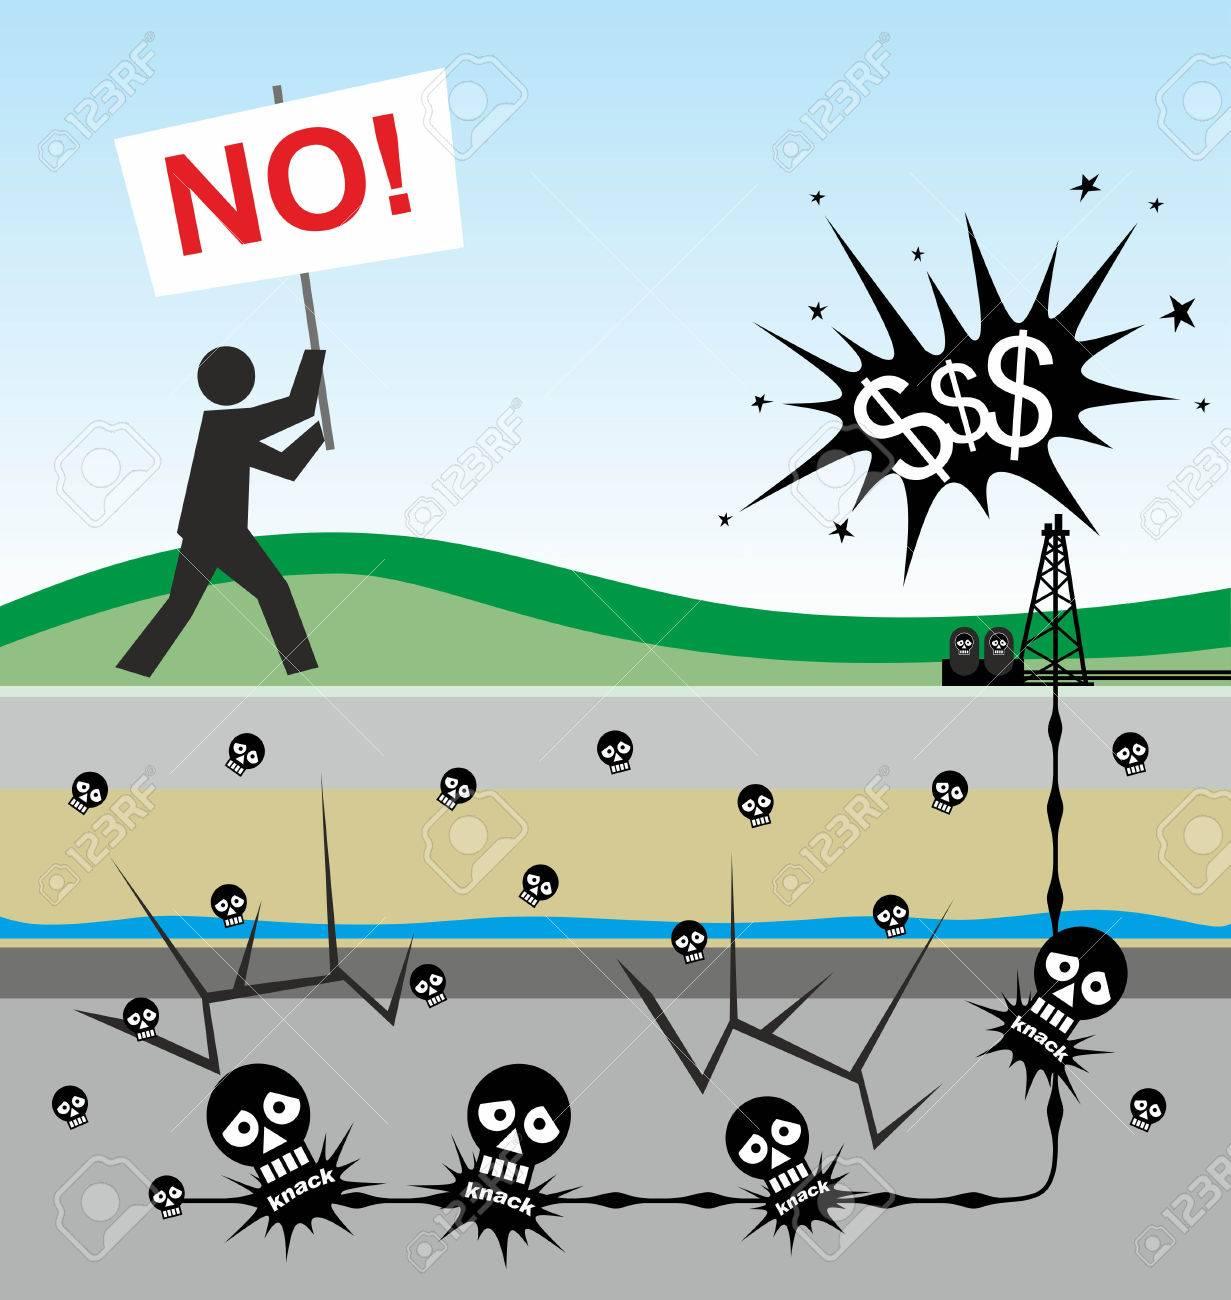 23758844 ilustración de los riesgos ambientales causados por el fracking - ¿Qué es el Fracking? ¿Cuáles son sus graves riesgos?